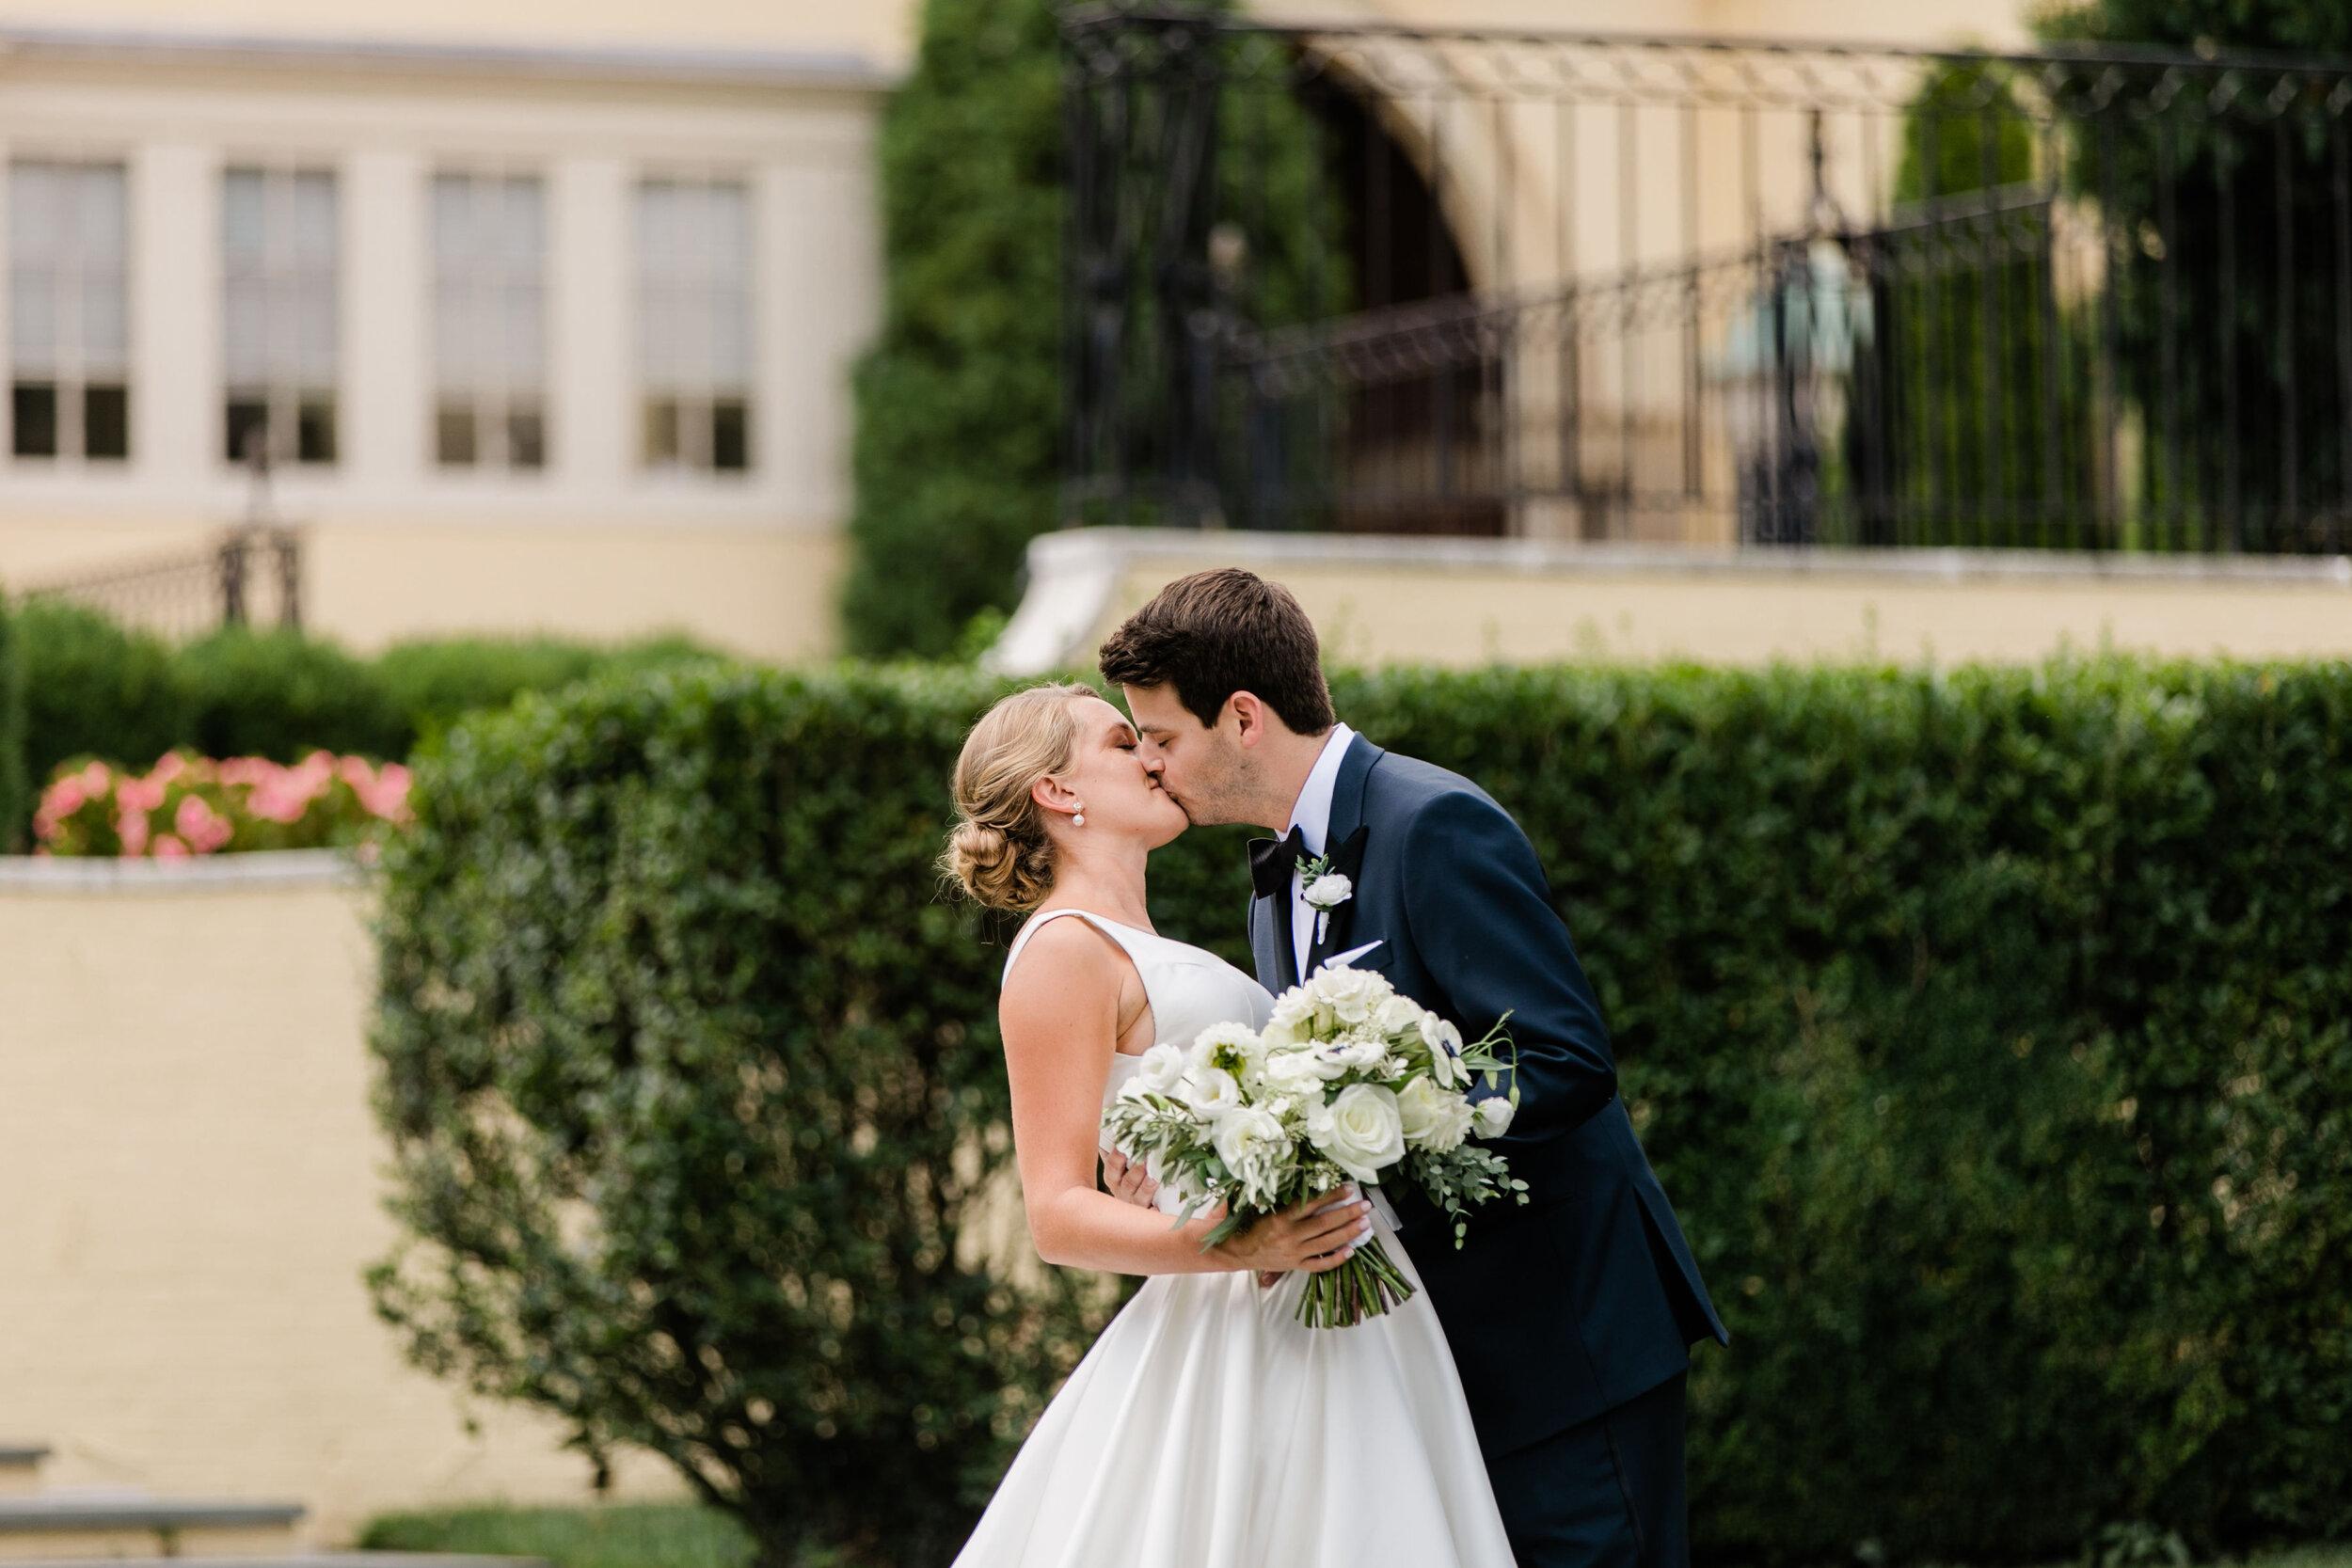 03.03_Caroline&Brendan__JenHarveyPhotography-199.jpg